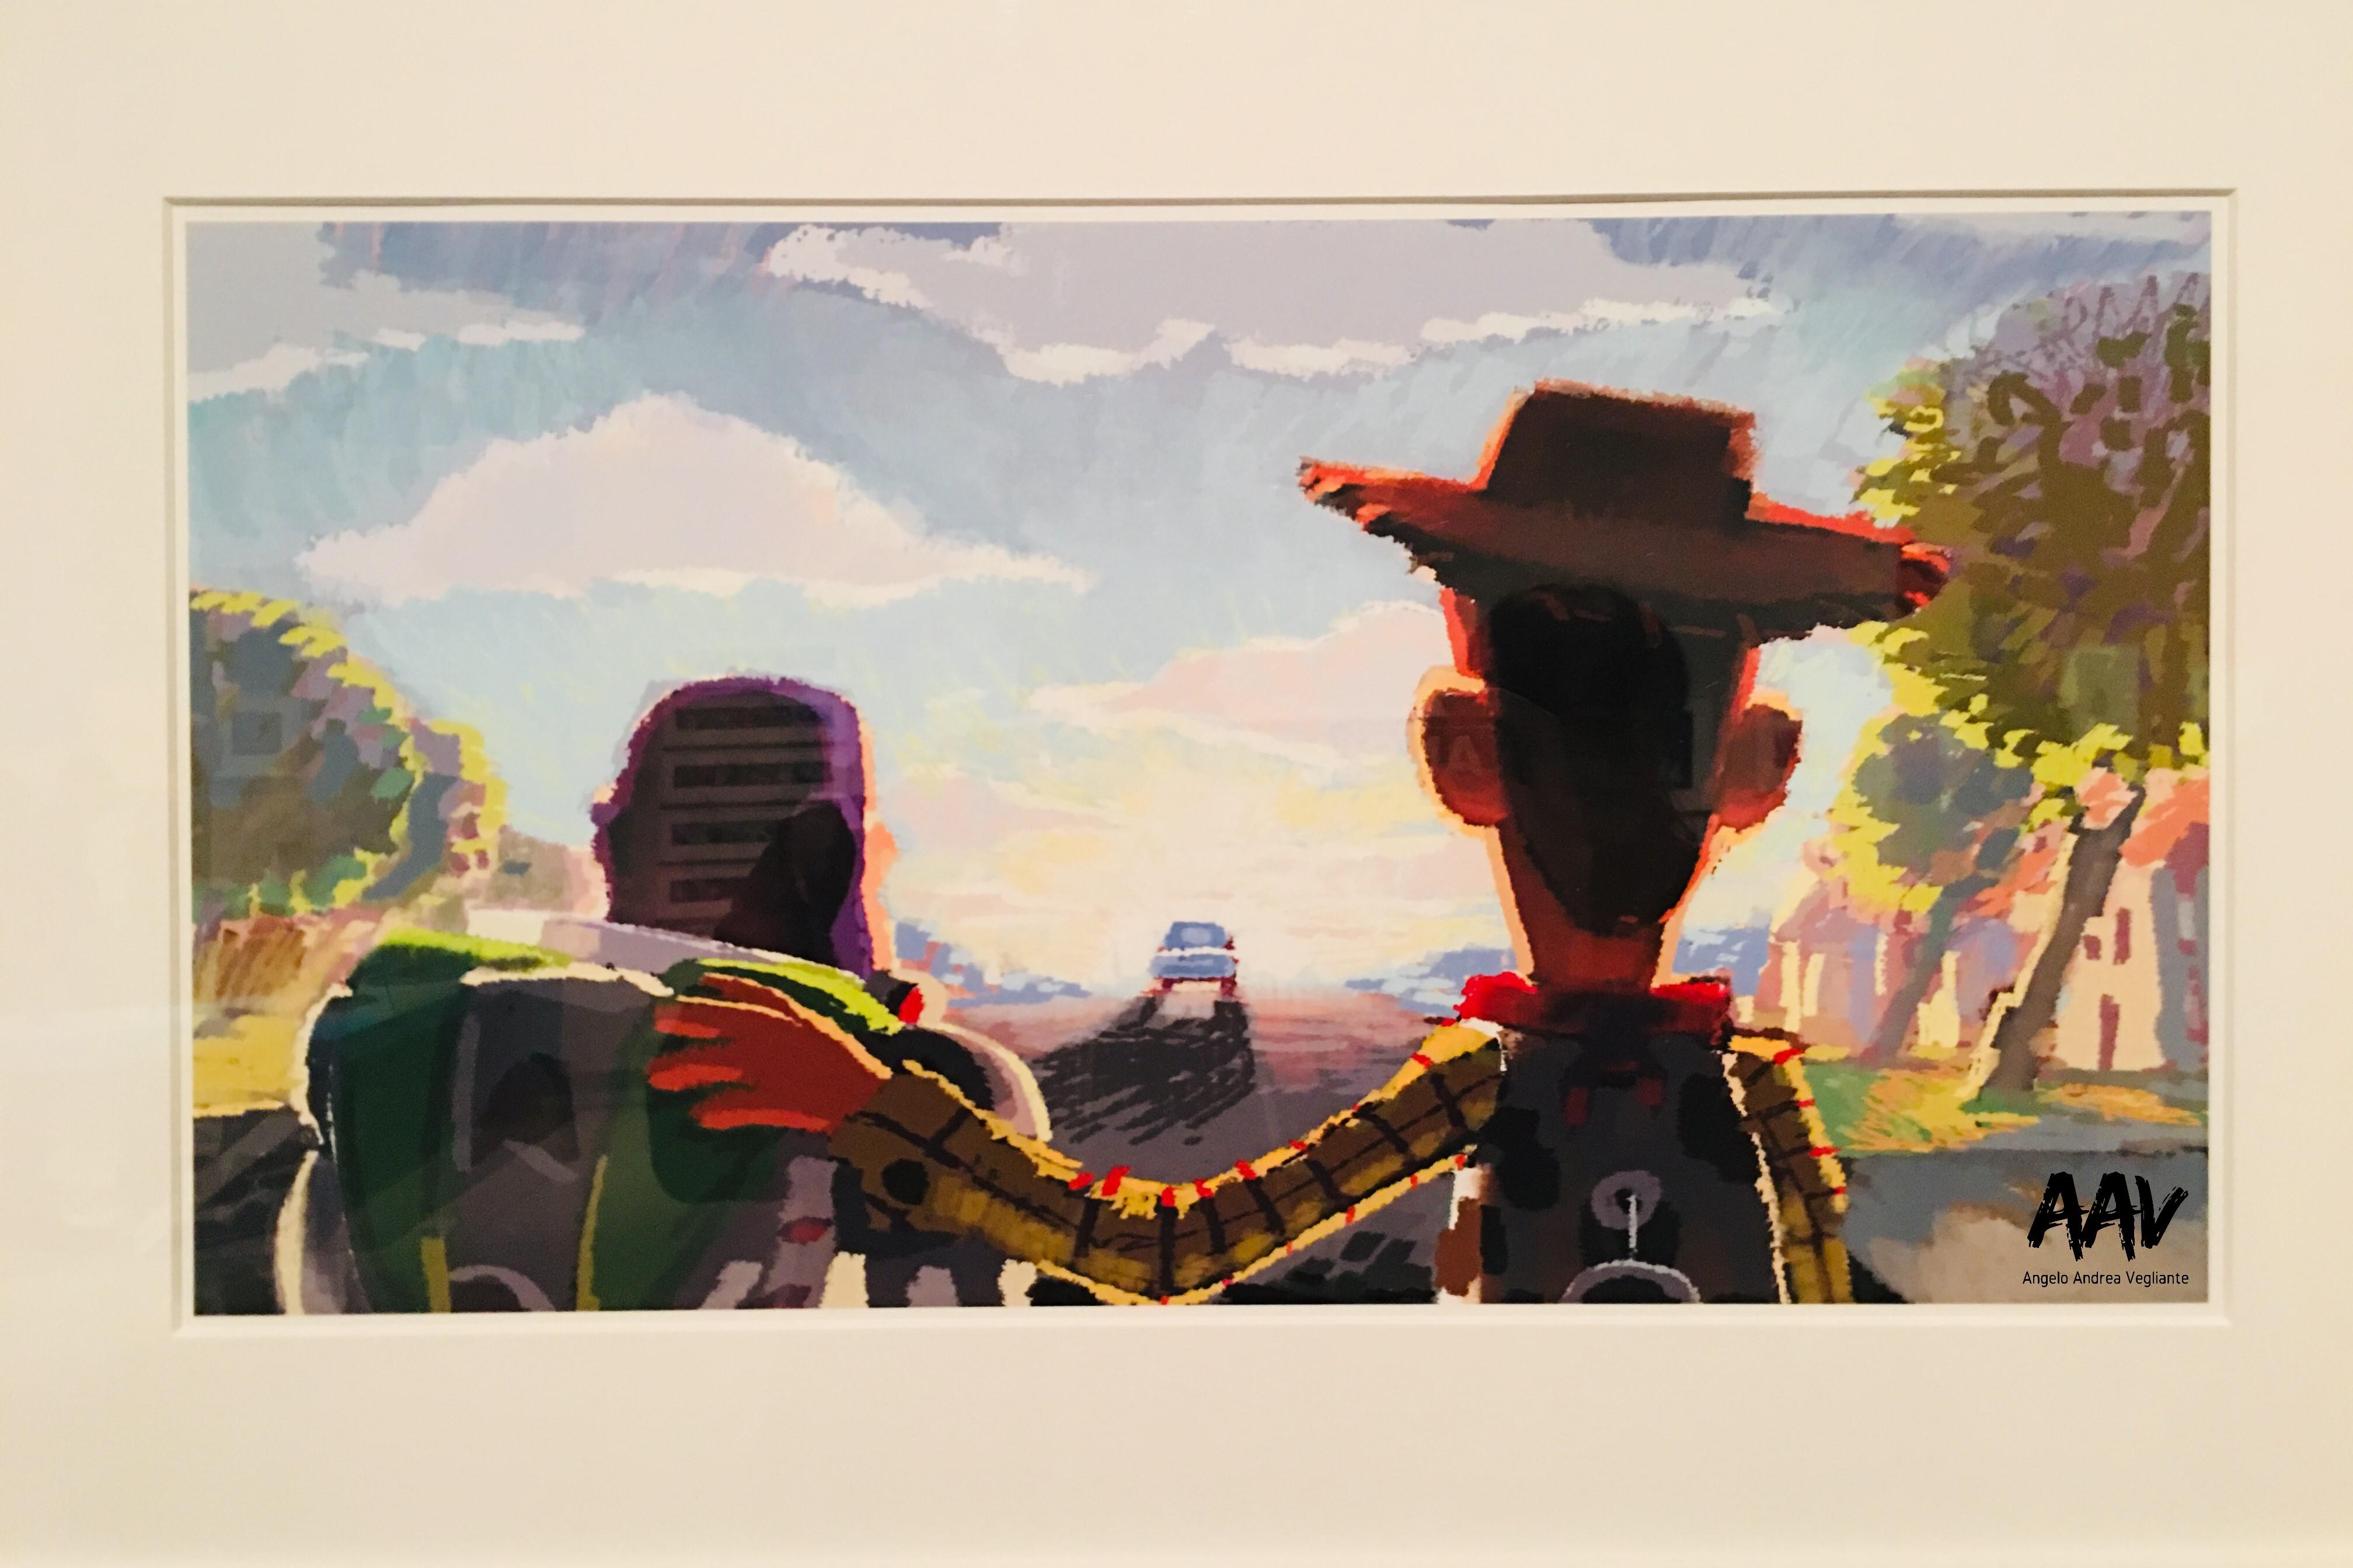 toy story 3-pixar-palazzo delle esposizioni-roma-angelo andrea vegliante-arte